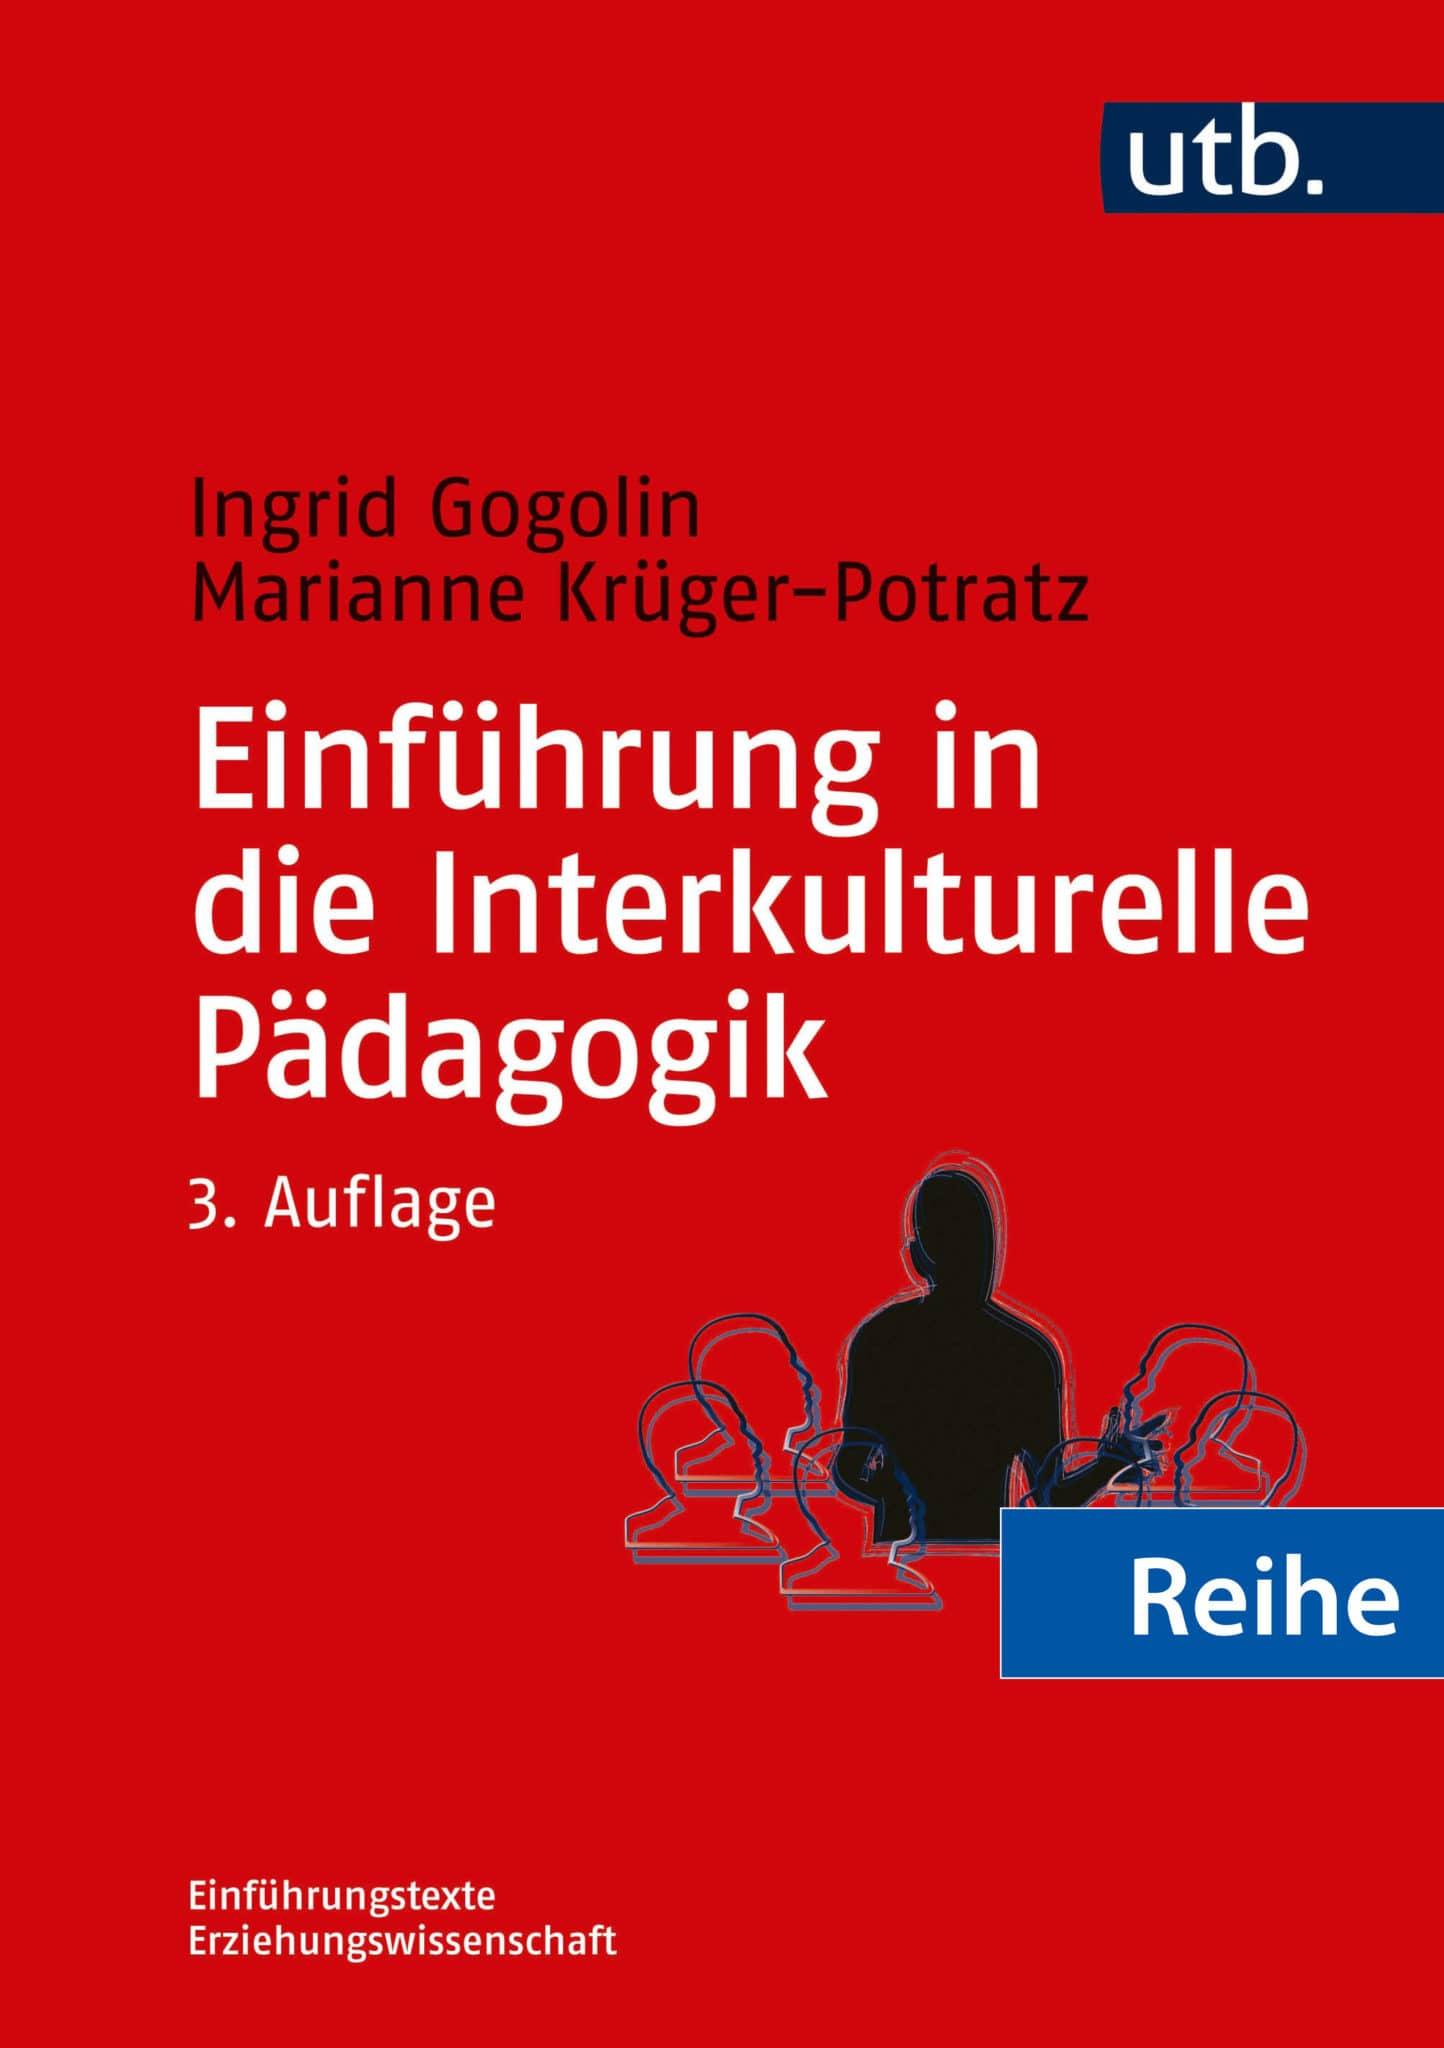 Reihe - Einführungstexte Erziehungswissenschaft (utb)